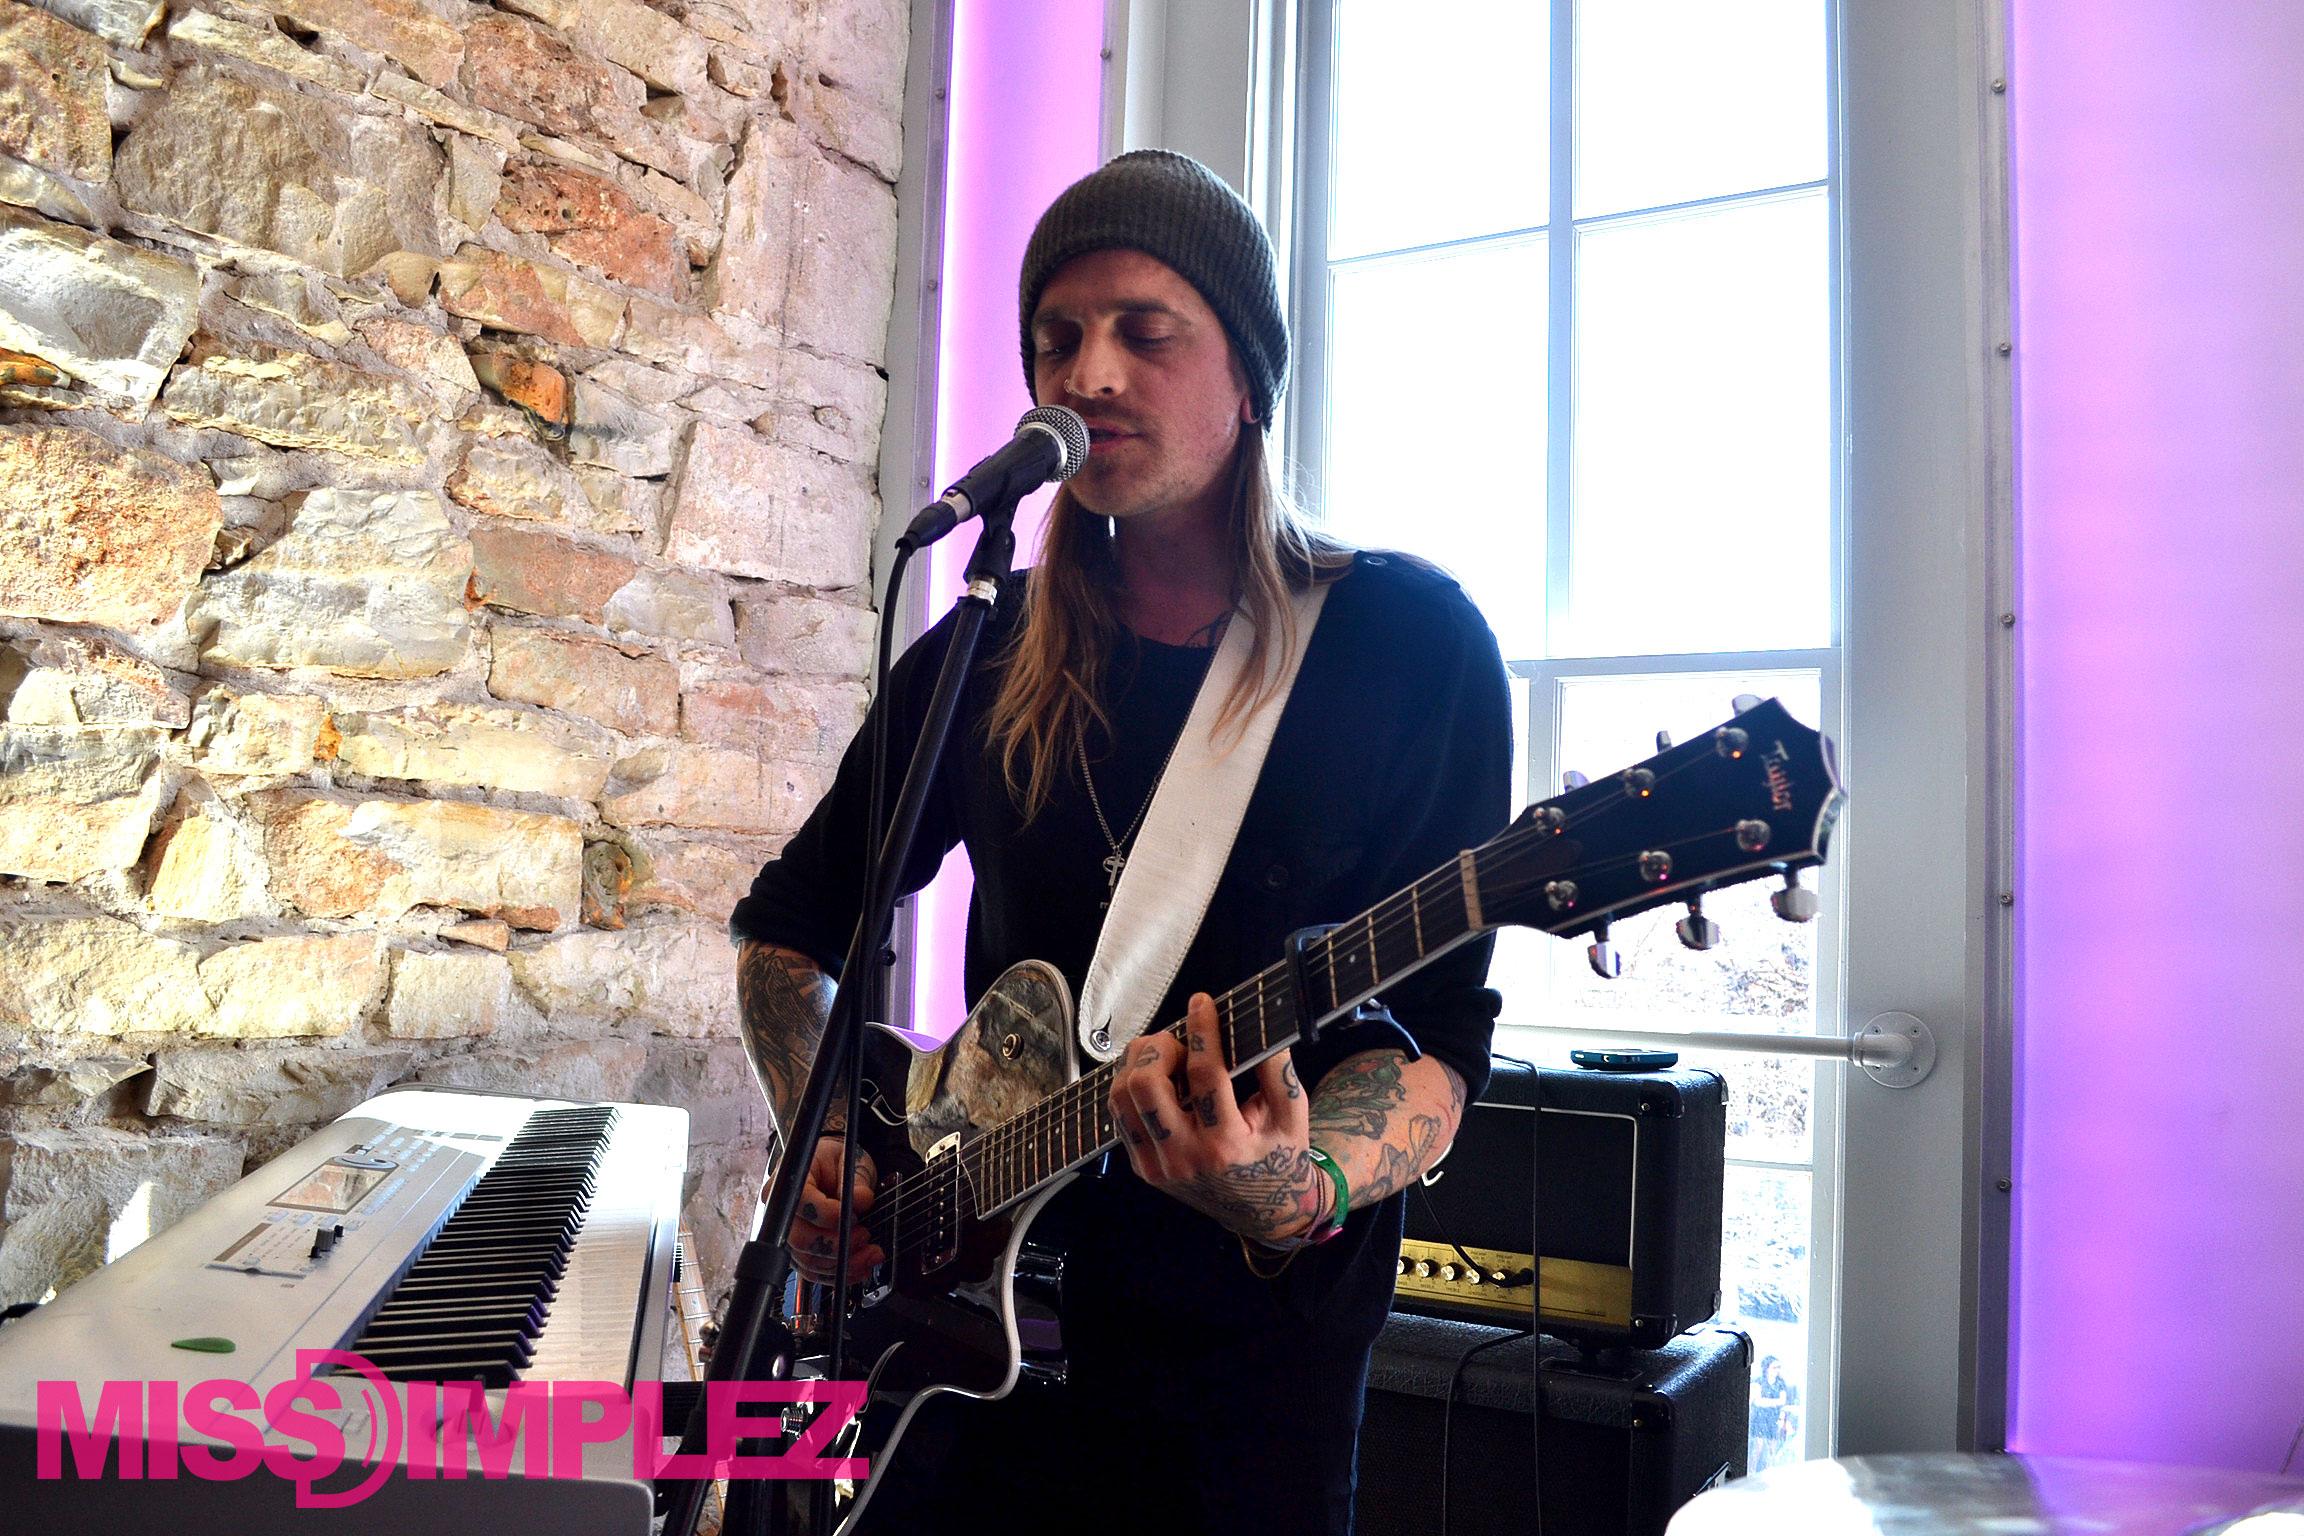 jmsn guitarist-at-sxsw